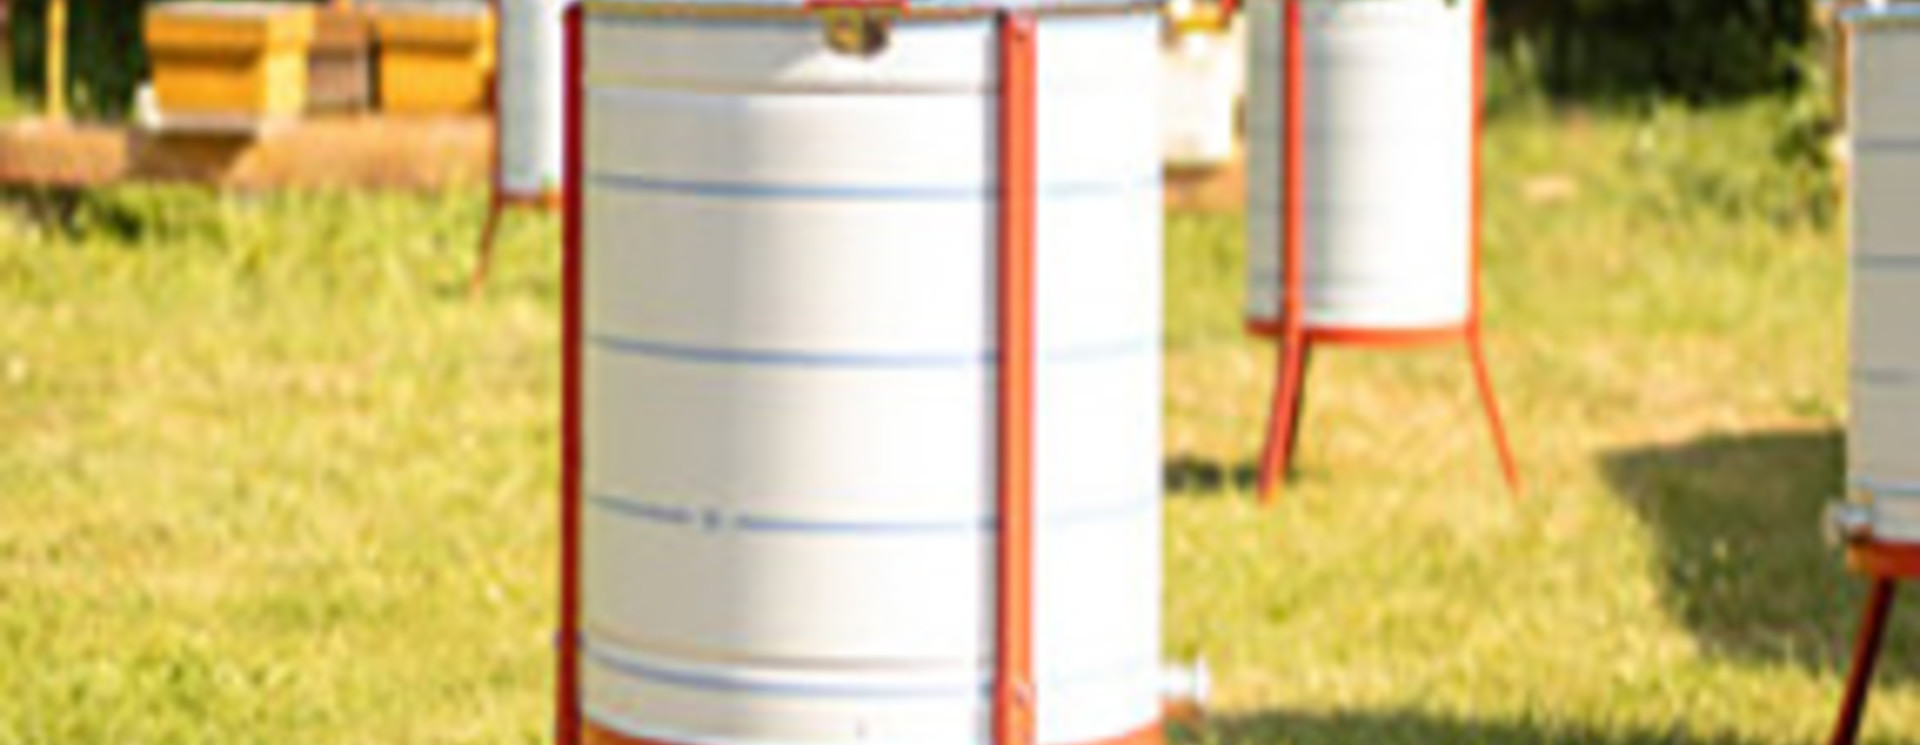 Apini - maturateurs et extracteurs du miel